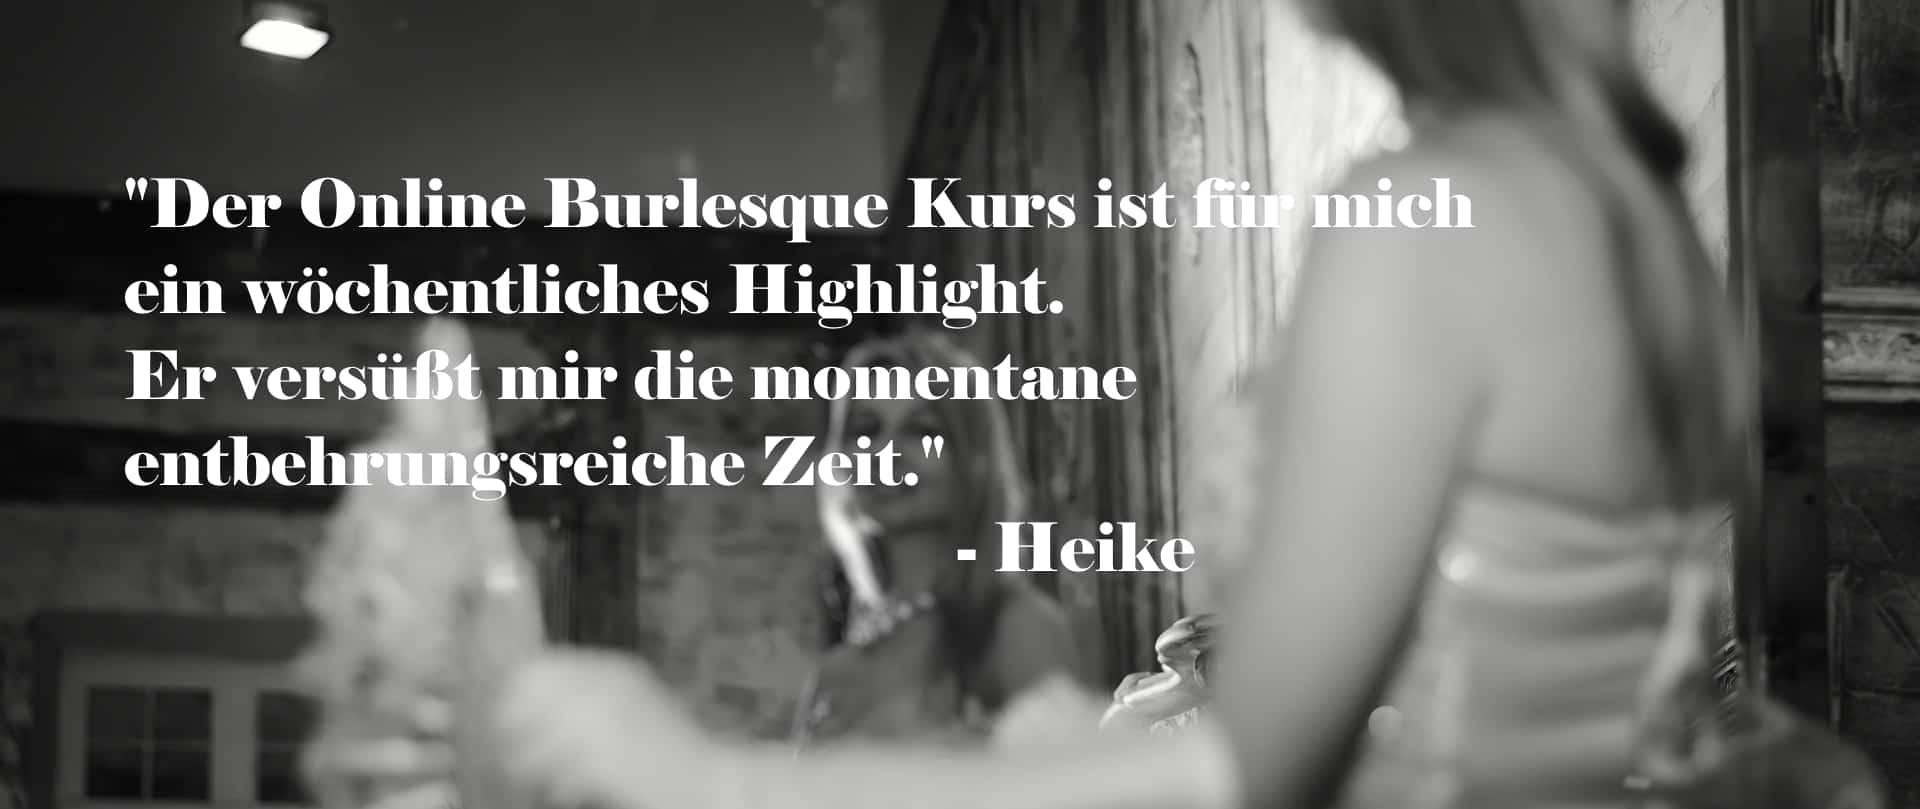 Elinesque Showlesque Burlesque Kundenmeinung Heike